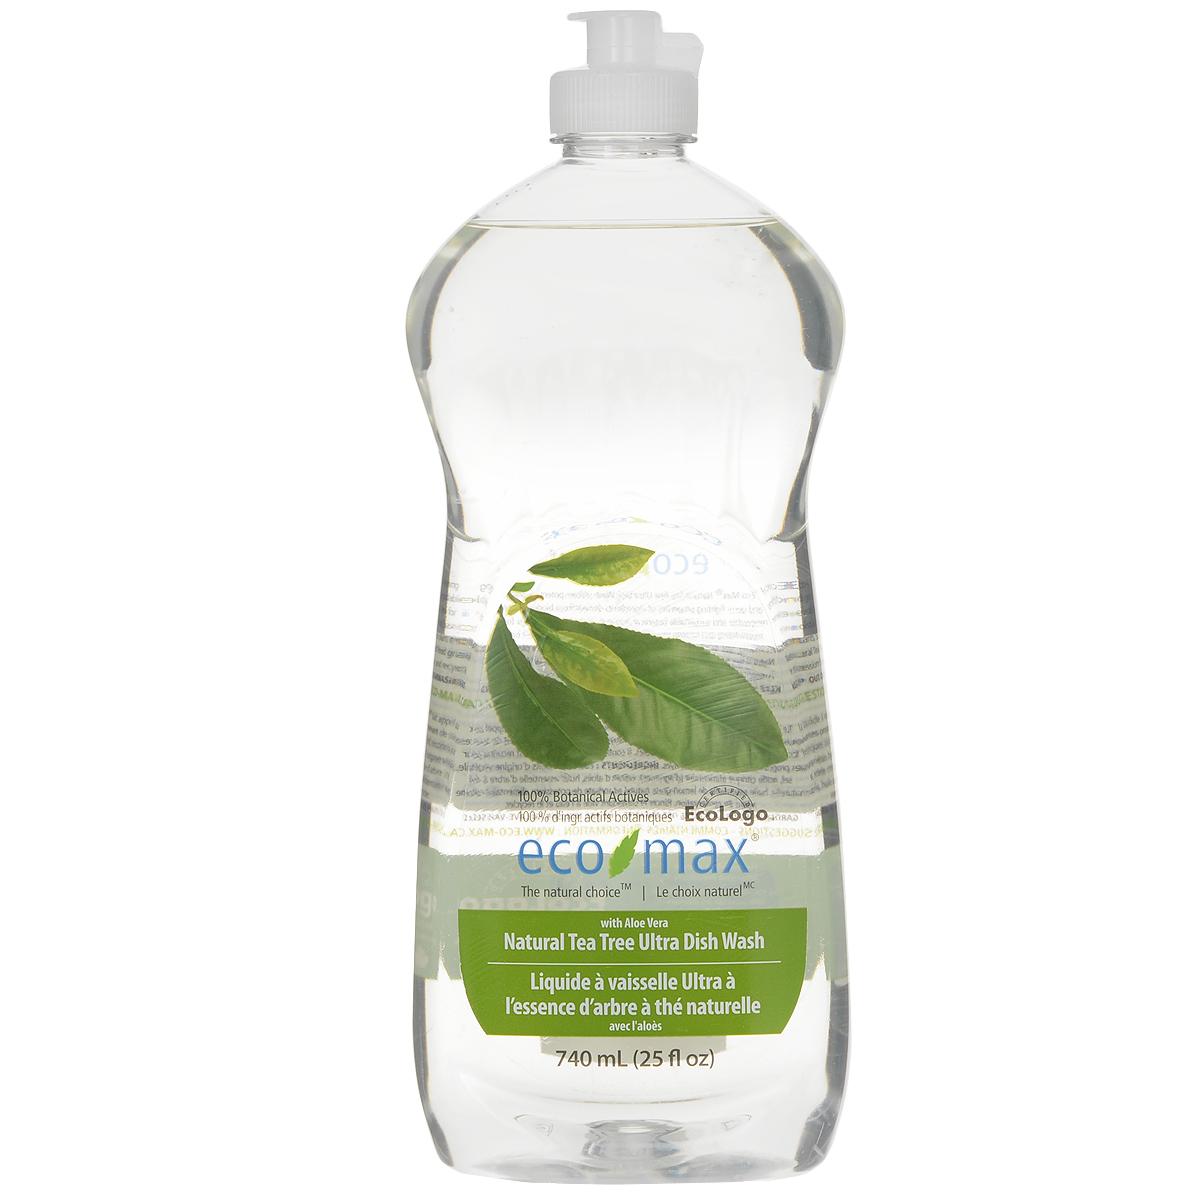 Средство для мытья посуды Eco Max Чайное дерево, 740 мл391602Средство для мытья посуды Eco Max - натуральное средство на 100% растительной основе, полностью биоразлагаемое. В этом средстве используются активные чистящие вещества ингредиентов, полученных из биоразлагаемых и возобновляемых растительных источников. Содержит алоэ вера, обладающее увлажняющими и заживляющими свойствами. Натуральное эфирное масло придает посуде свежий аромат. Состав: вода, ПАВ растительного происхождения, растительный экстракт алоэ вера, соль, пищевой сорбат калия в качестве консерванта, пищевая лимонная кислота (из плодов лимона), натуральное эфирное масло чайного дерева, натуральное эфирное масло лемонграсса. Товар сертифицирован.